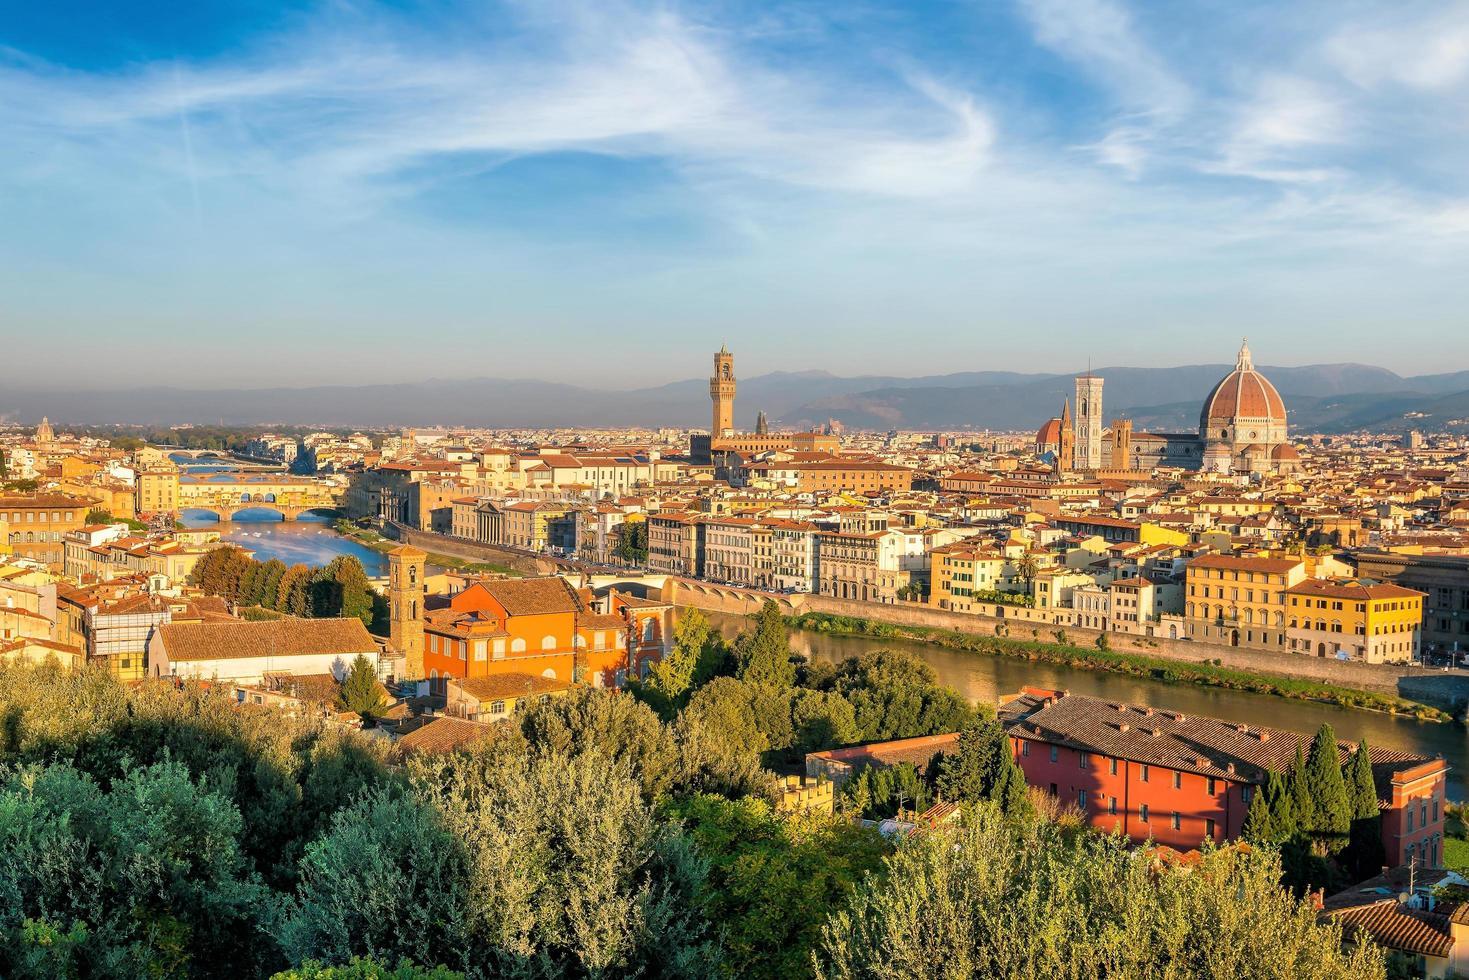 Blick auf die Skyline von Florenz von oben foto